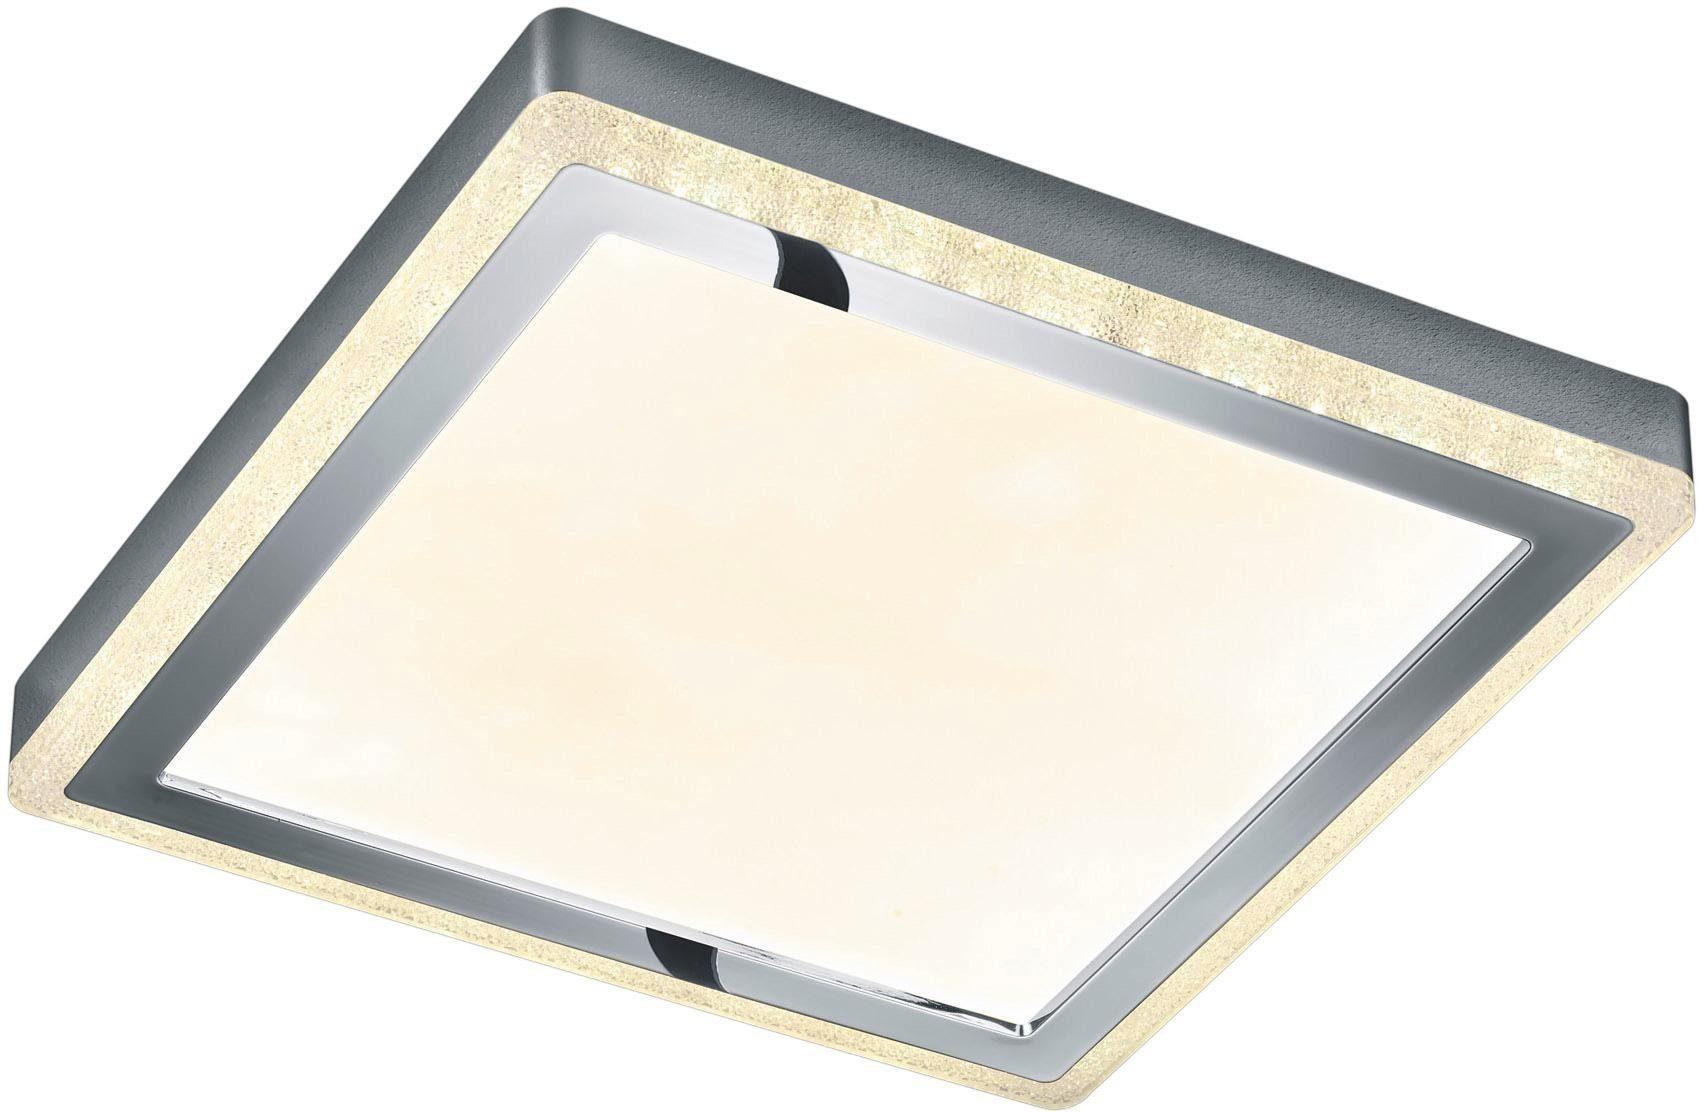 TRIO Leuchten LED Deckenleuchte Slide, LED-Board, Getrennt schaltbar,Fernbedienung,integrierter Dimmer,Nachtlicht,RGBW-Farbwechsler